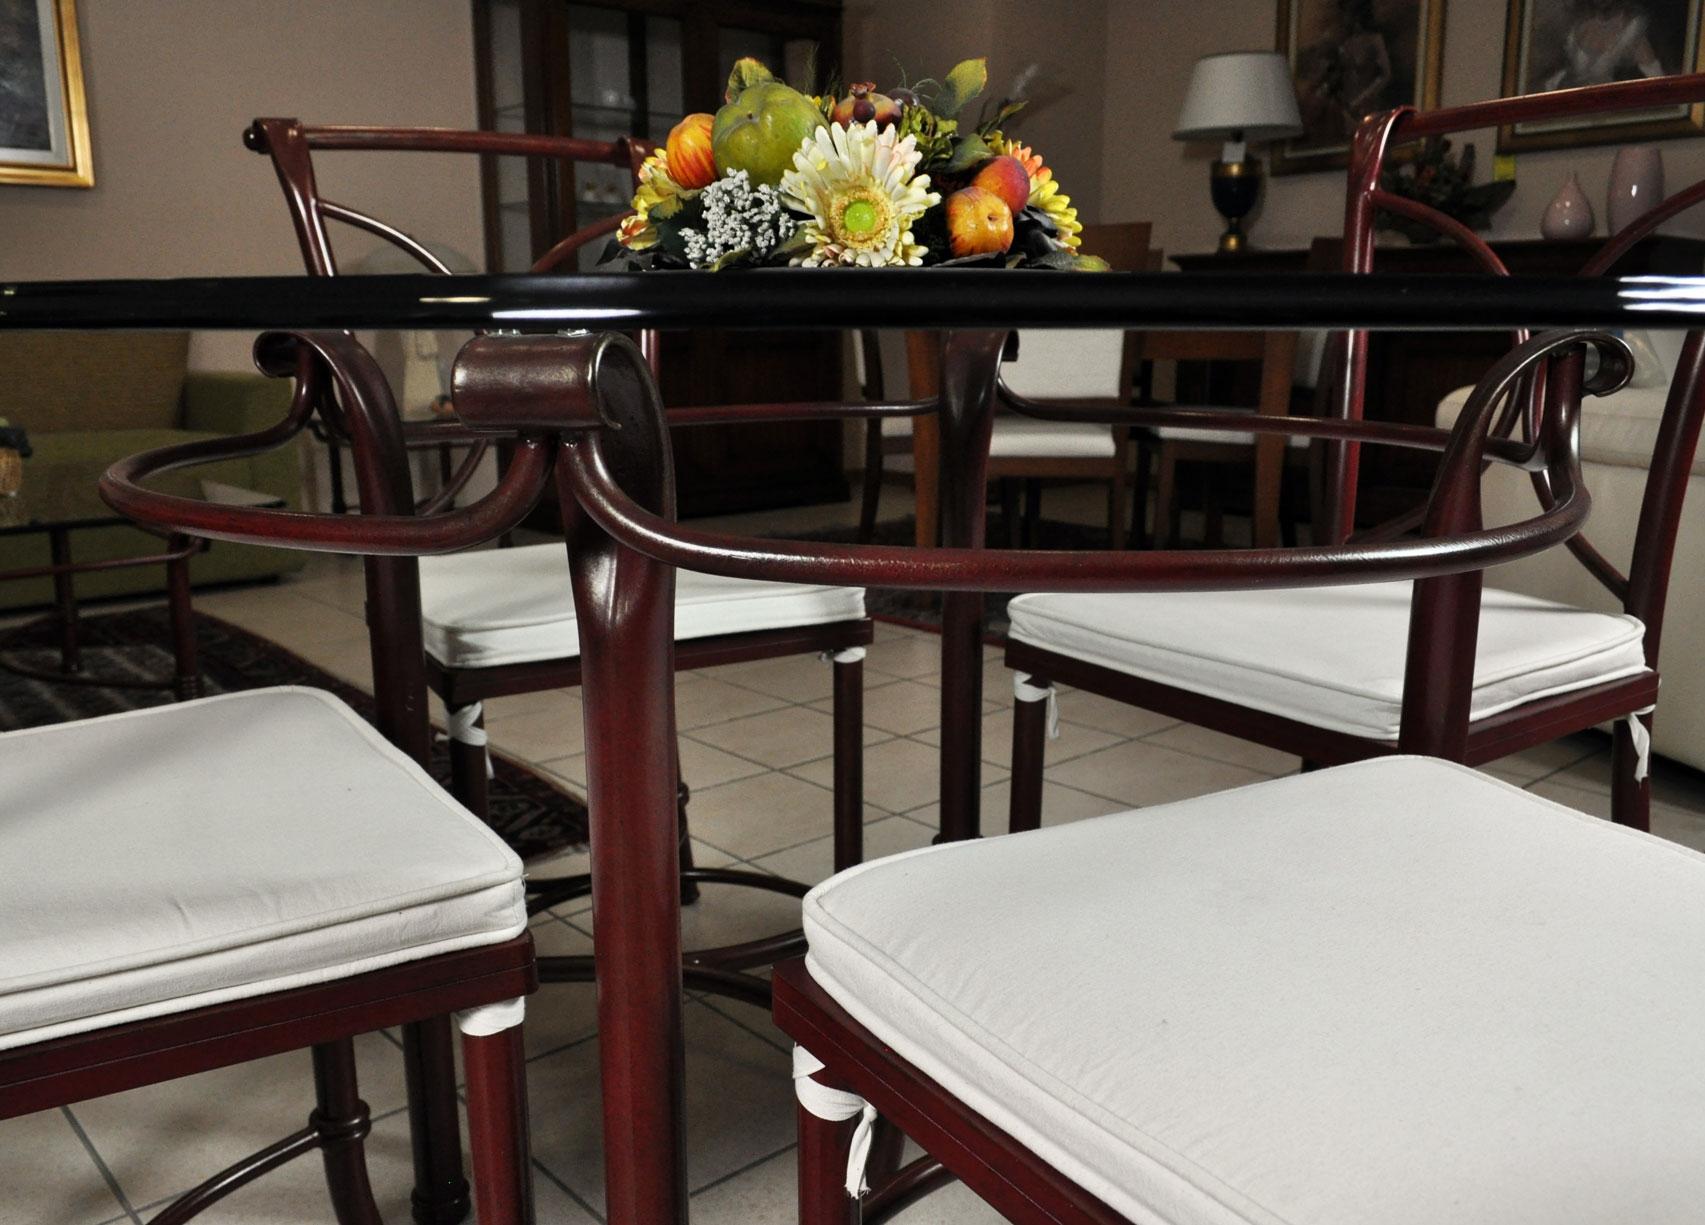 Sedie per tavolo in cristallo elegant tavolo in vetro e legno sospiro with sedie per tavolo in - Tavoli da pranzo ferro battuto e vetro ...